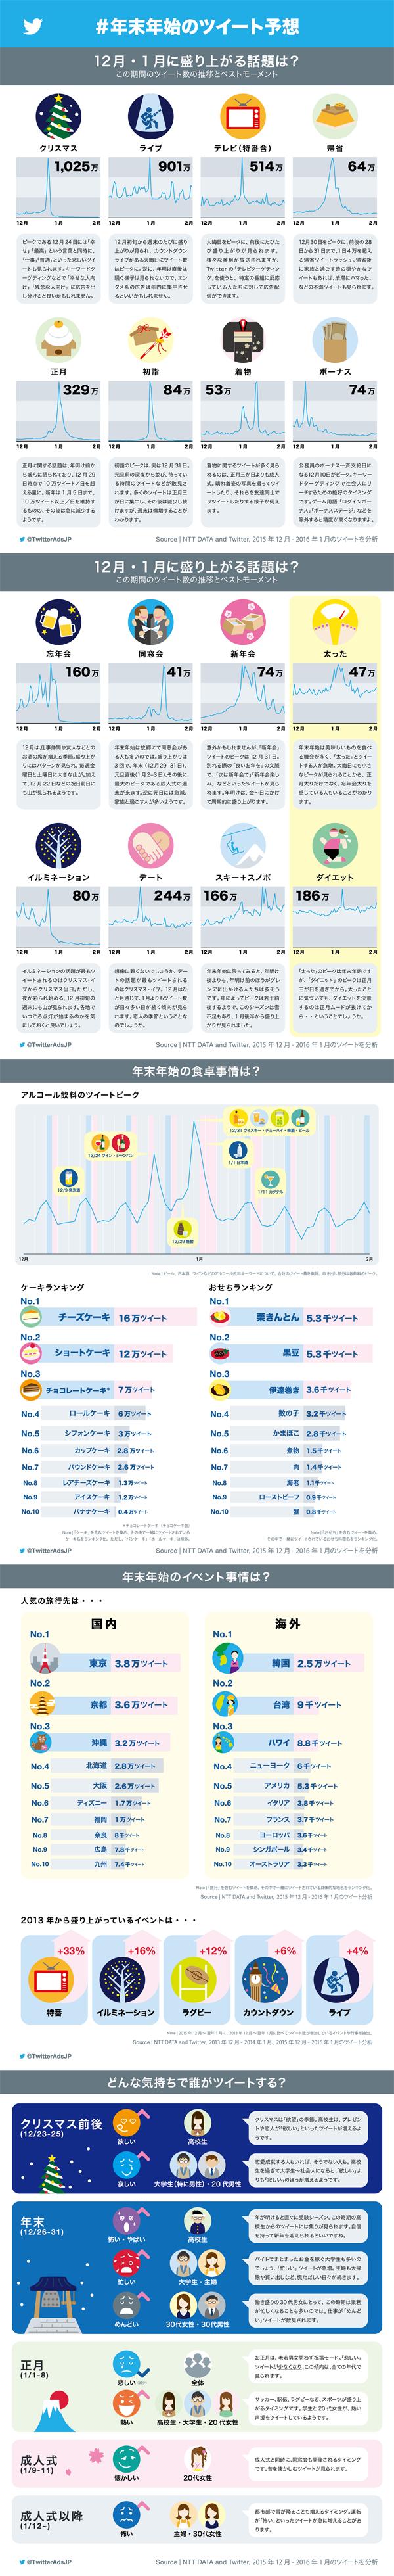 インフォグラフィックス:年末年始のツイート予想